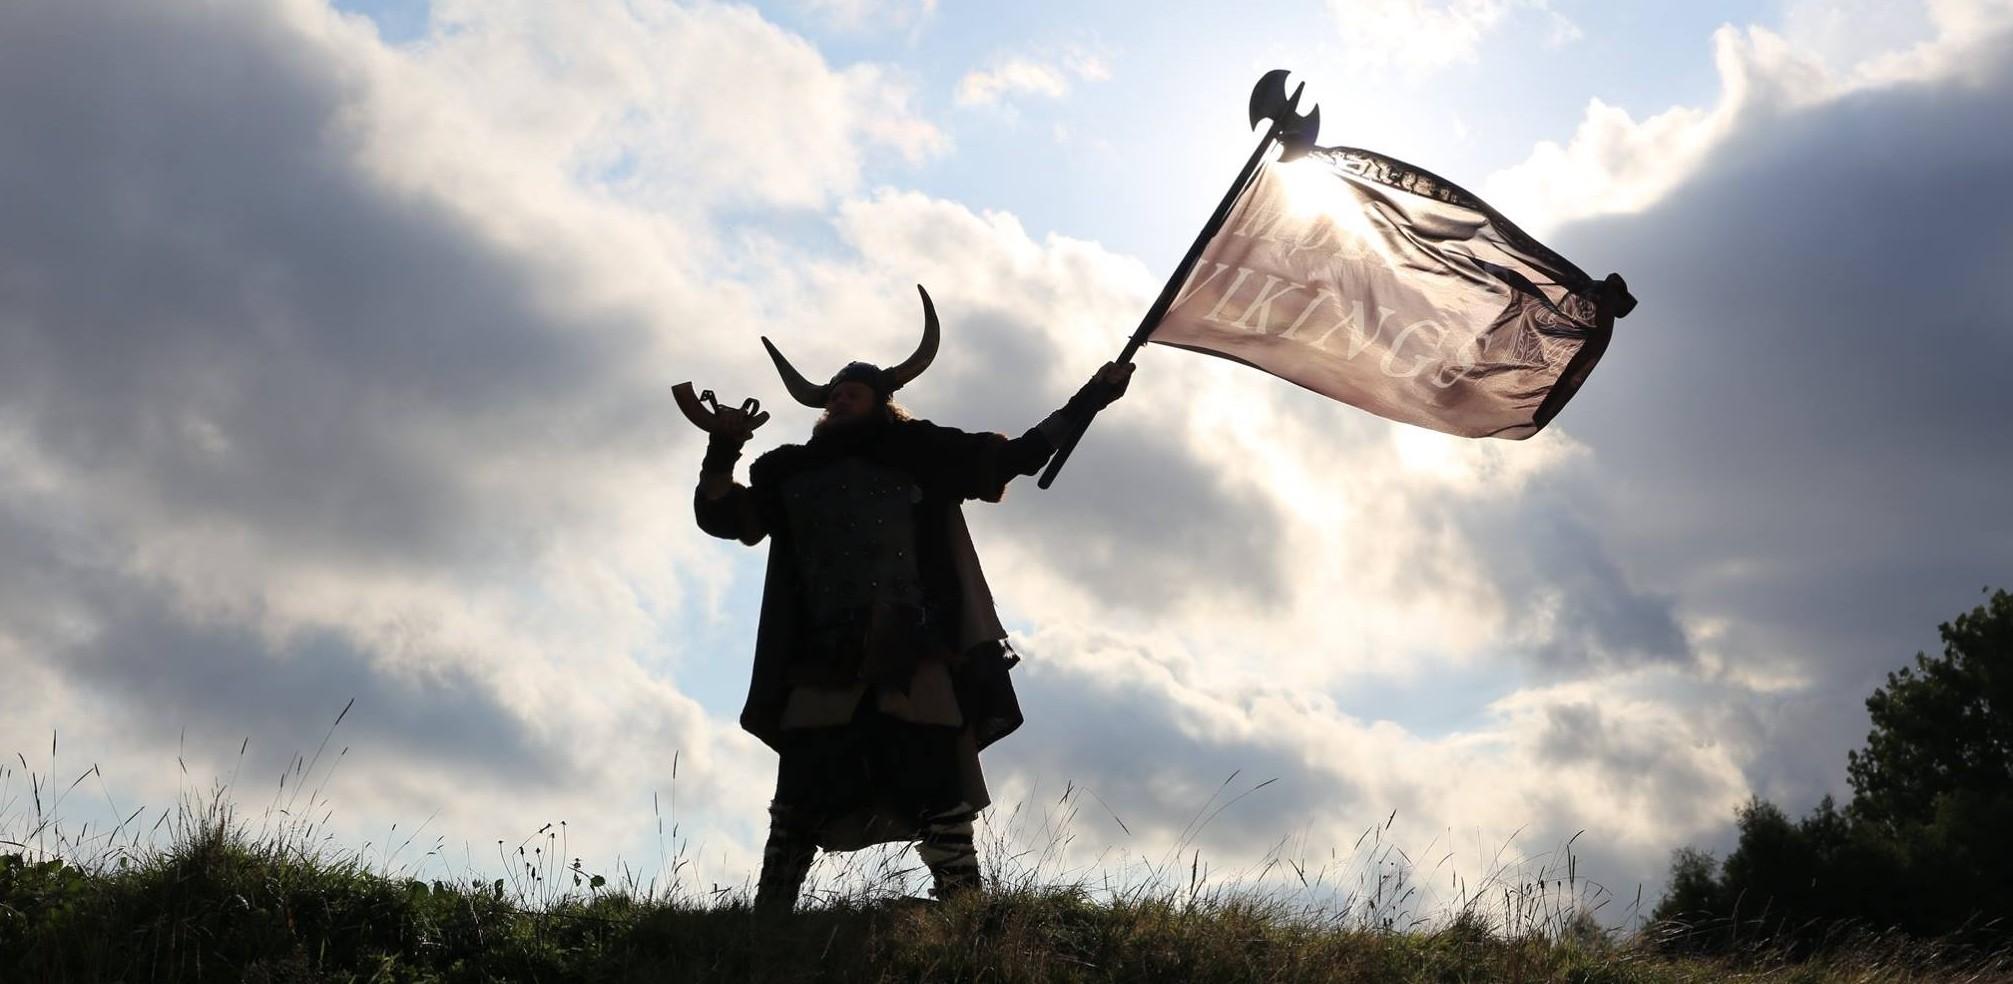 Bądź sprytny jak Viking, wygraj wyjazd do Belgii i smartfon Motorola Moto X!